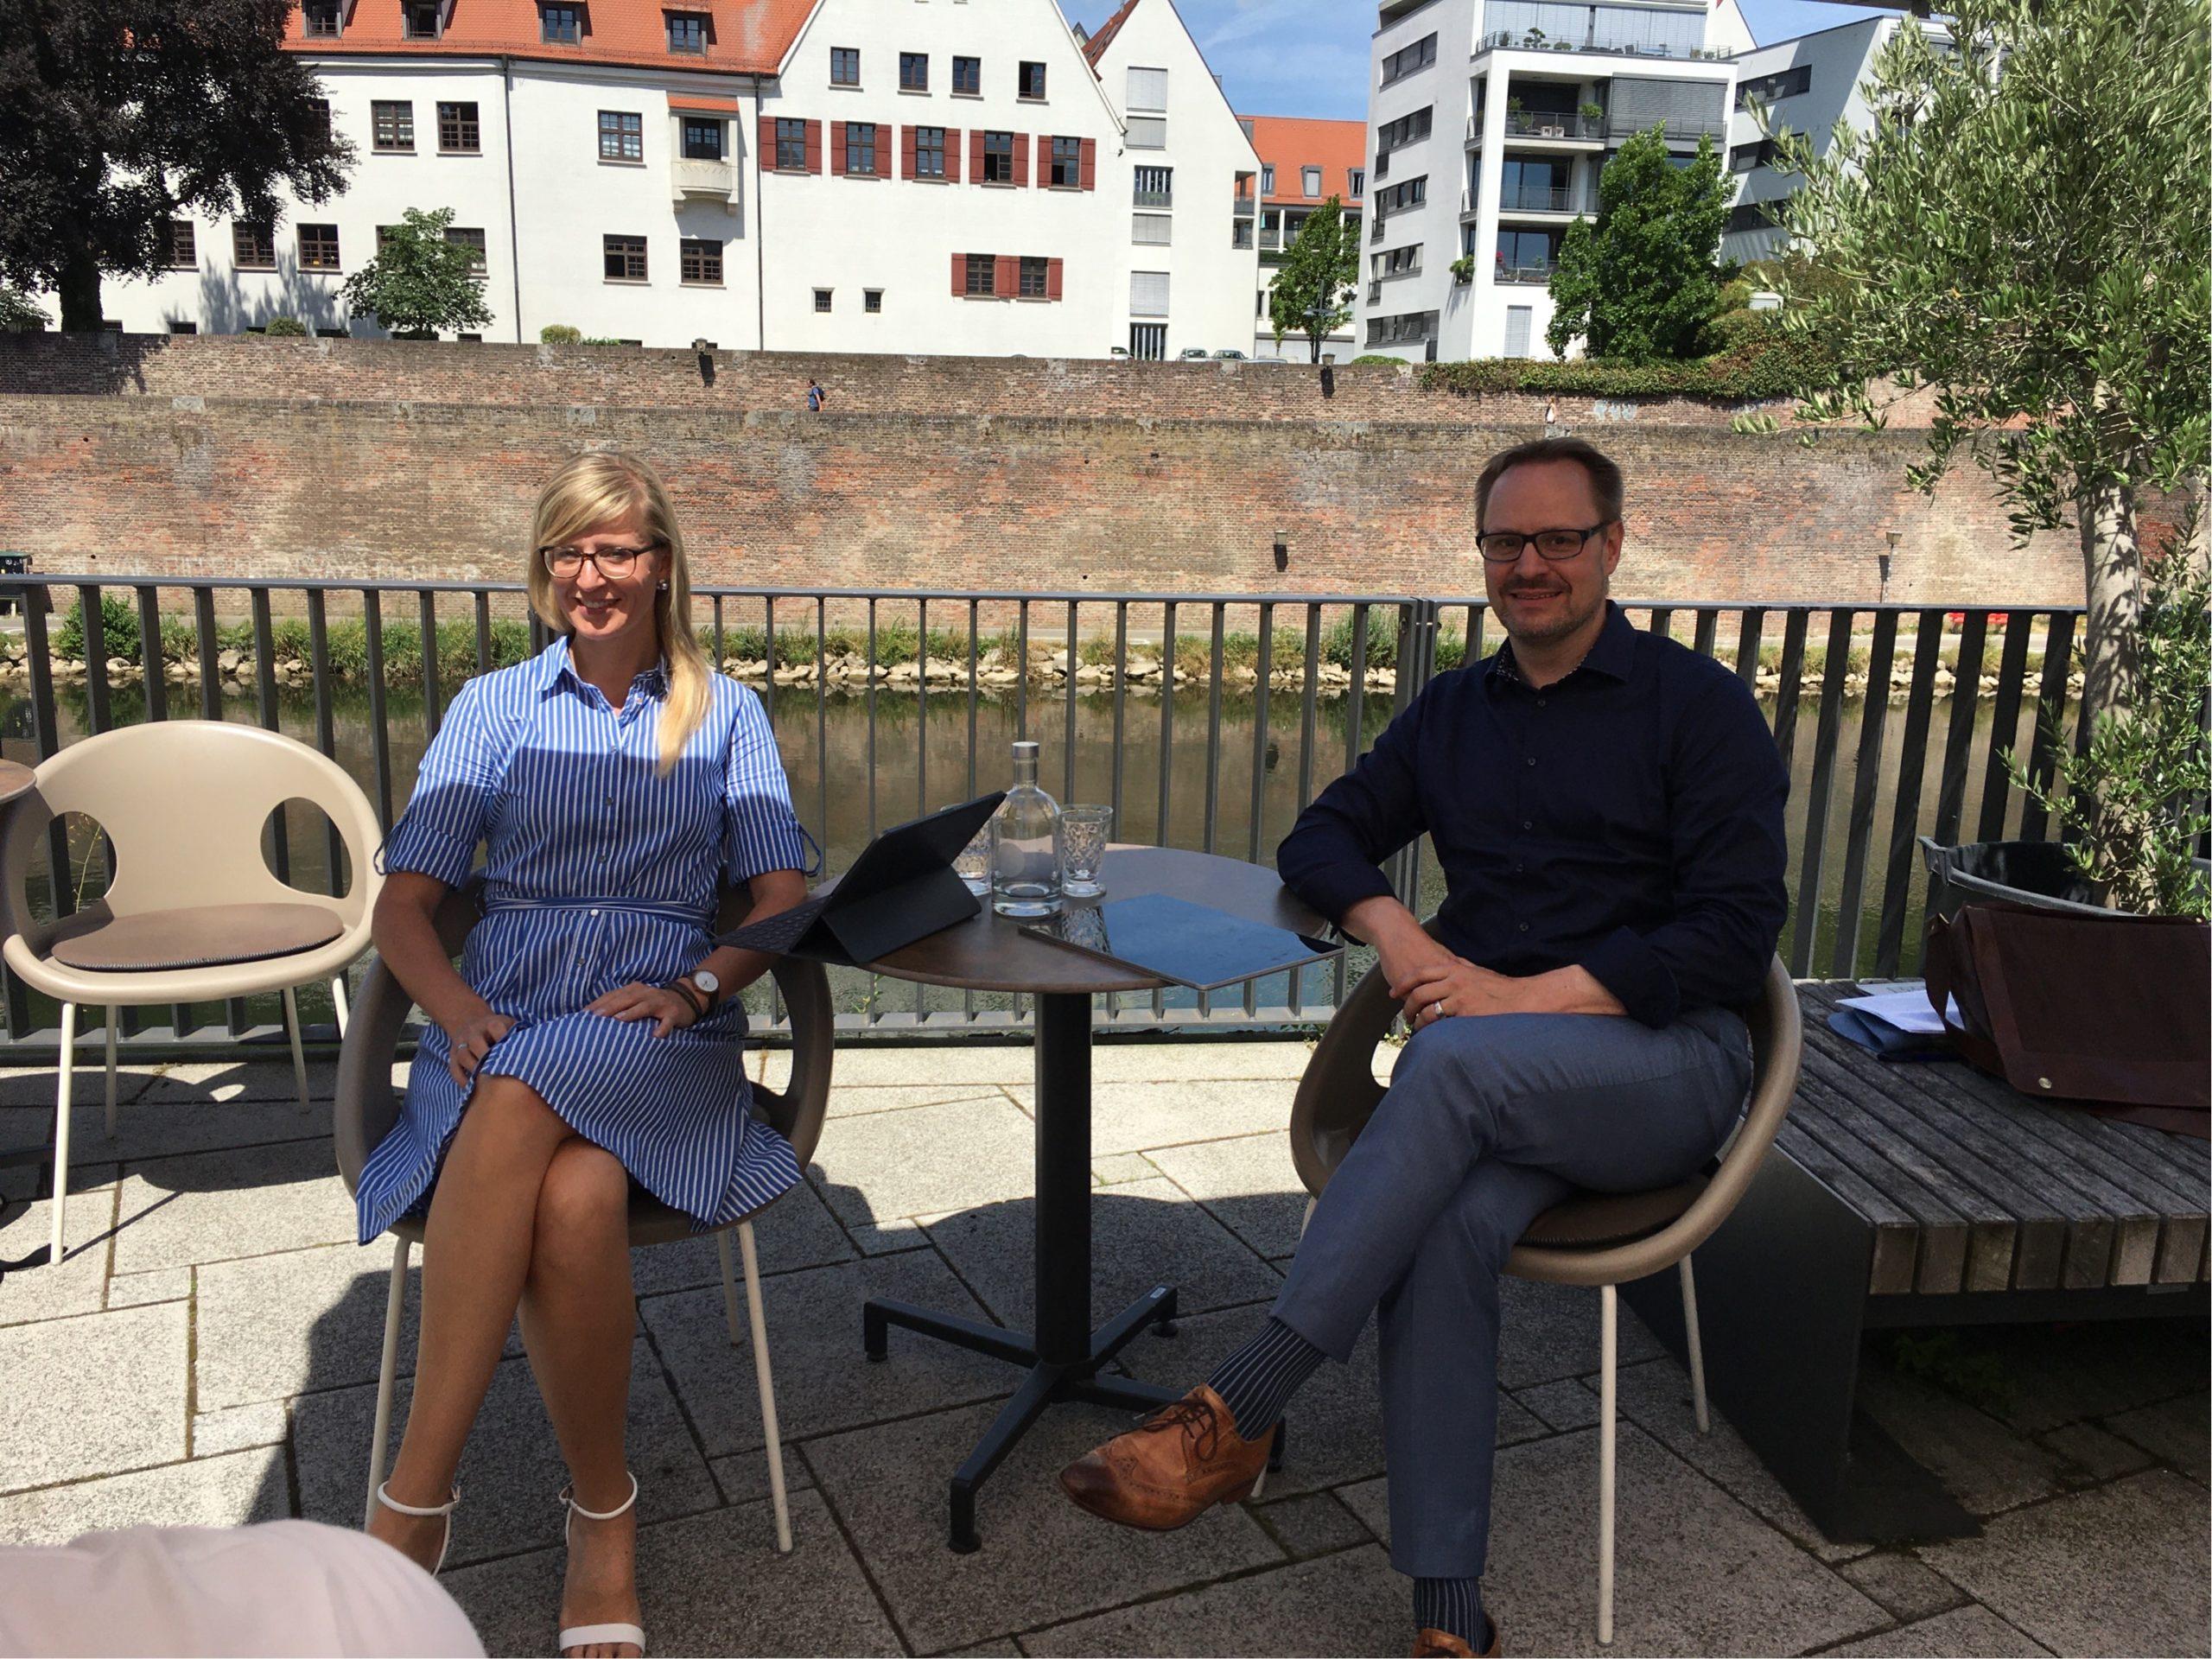 Neu-Ulms Oberbürgermeisterin Katrin Albsteiger und Landrat Thorsten Freudenberger wollen die Zusammenarbeit intensivieren. Bild: © Stadt Neu-Ulm